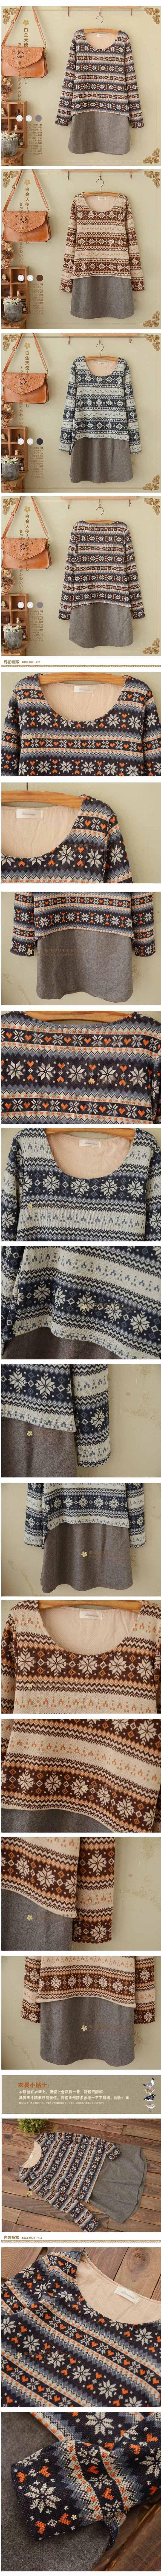 Váy giả hai hình bông tuyết retro